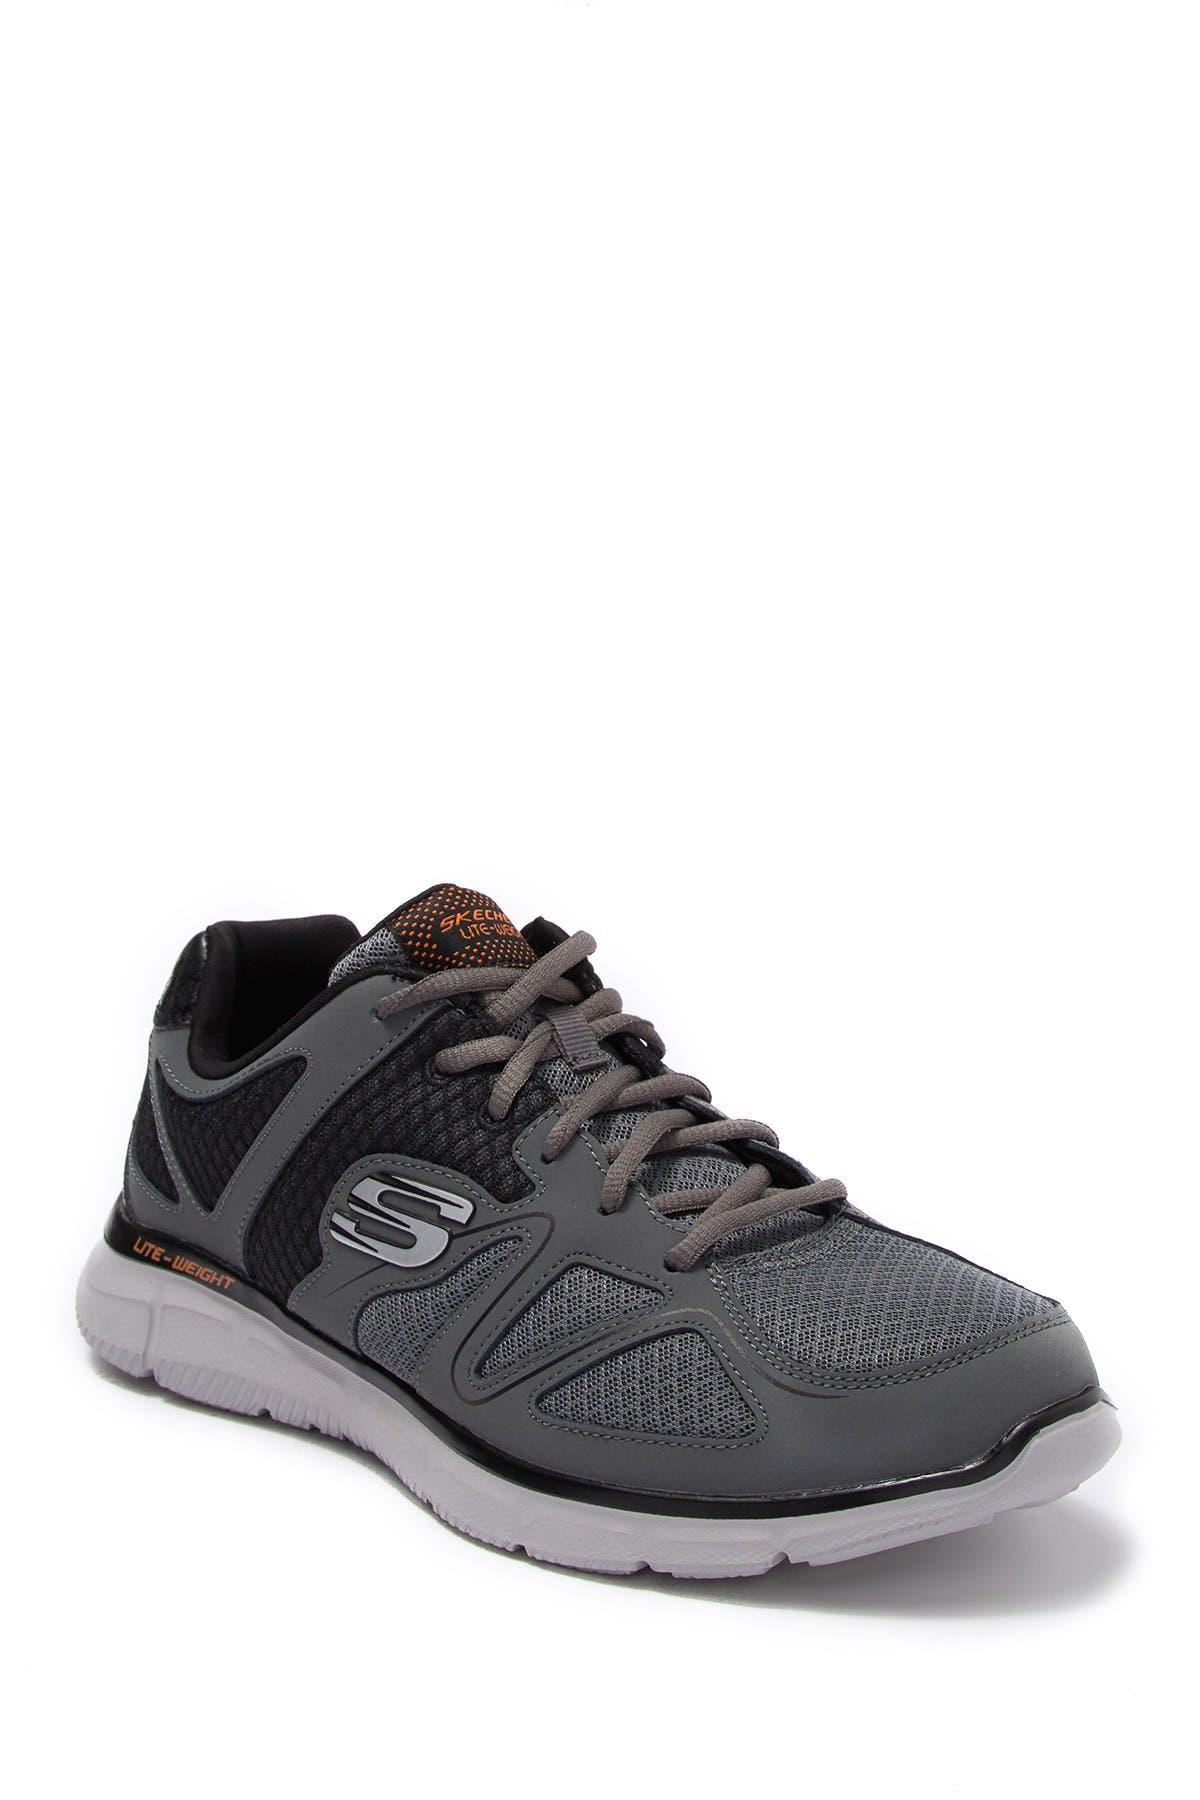 Skechers | Verse Flash Point Sneaker